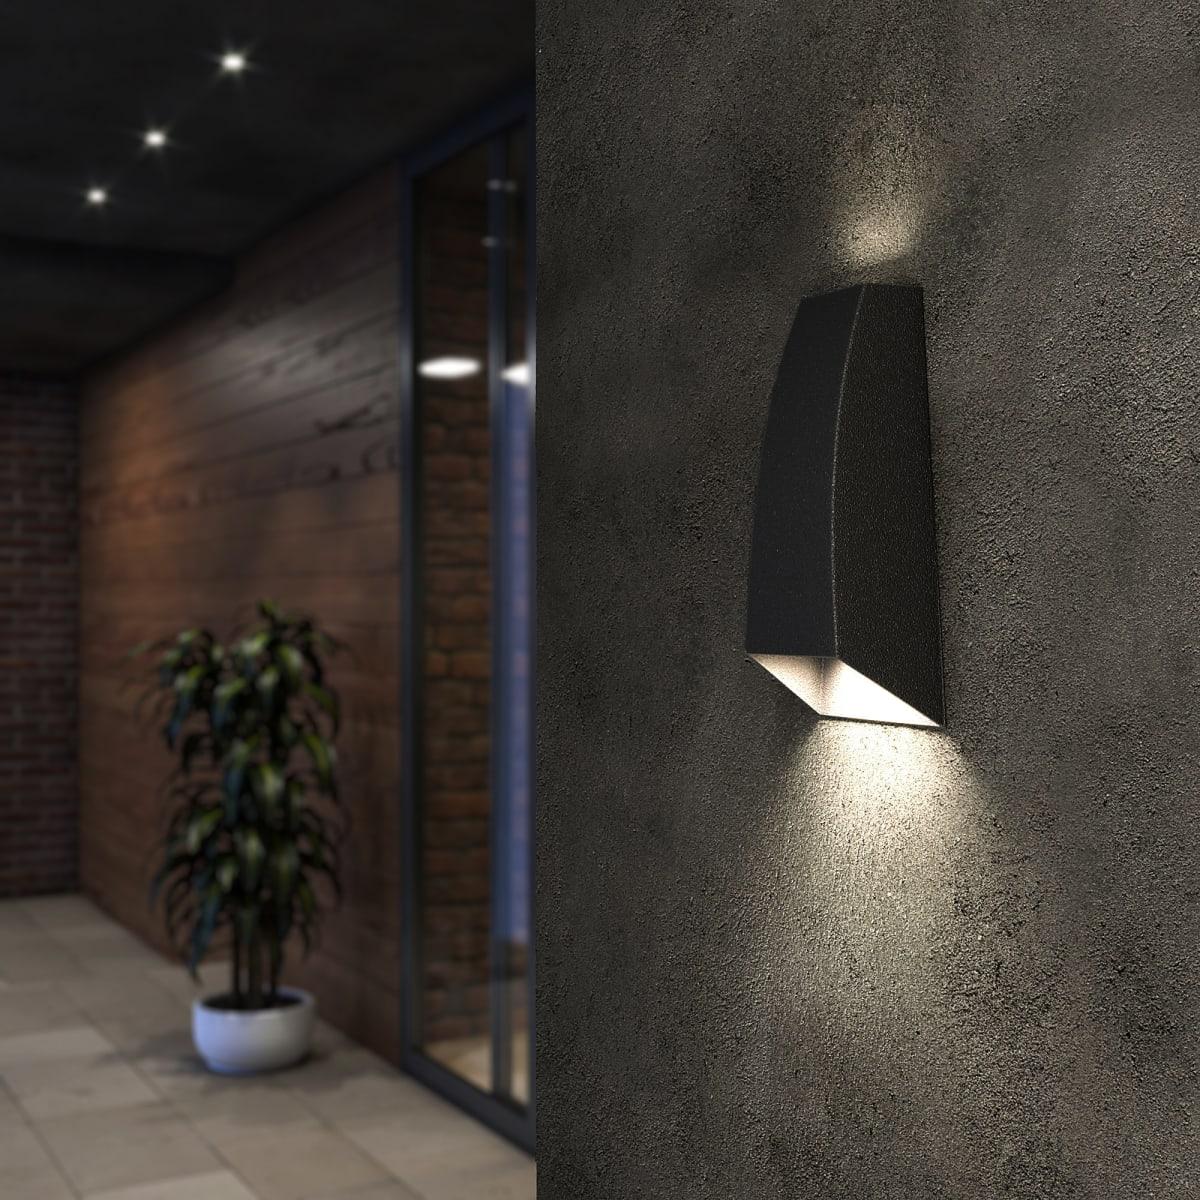 Светильник настенный светодиодный уличный Techno 1016 2 Вт IP54 цвет чёрный